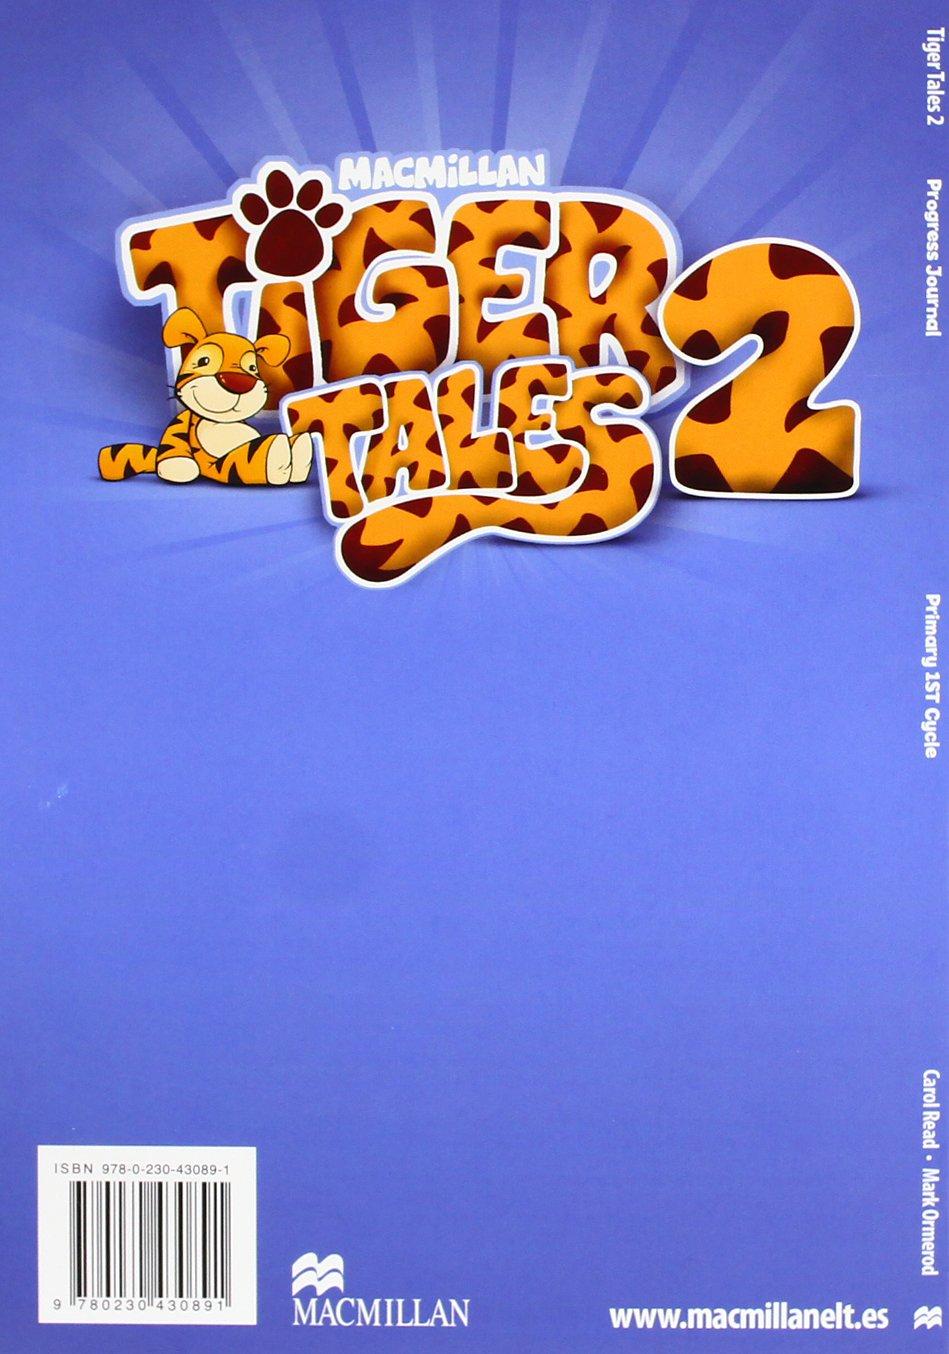 TIGER 2 Pb Pack - 9780230430891: Amazon.es: Read, C., Ormerod, M.: Libros en idiomas extranjeros